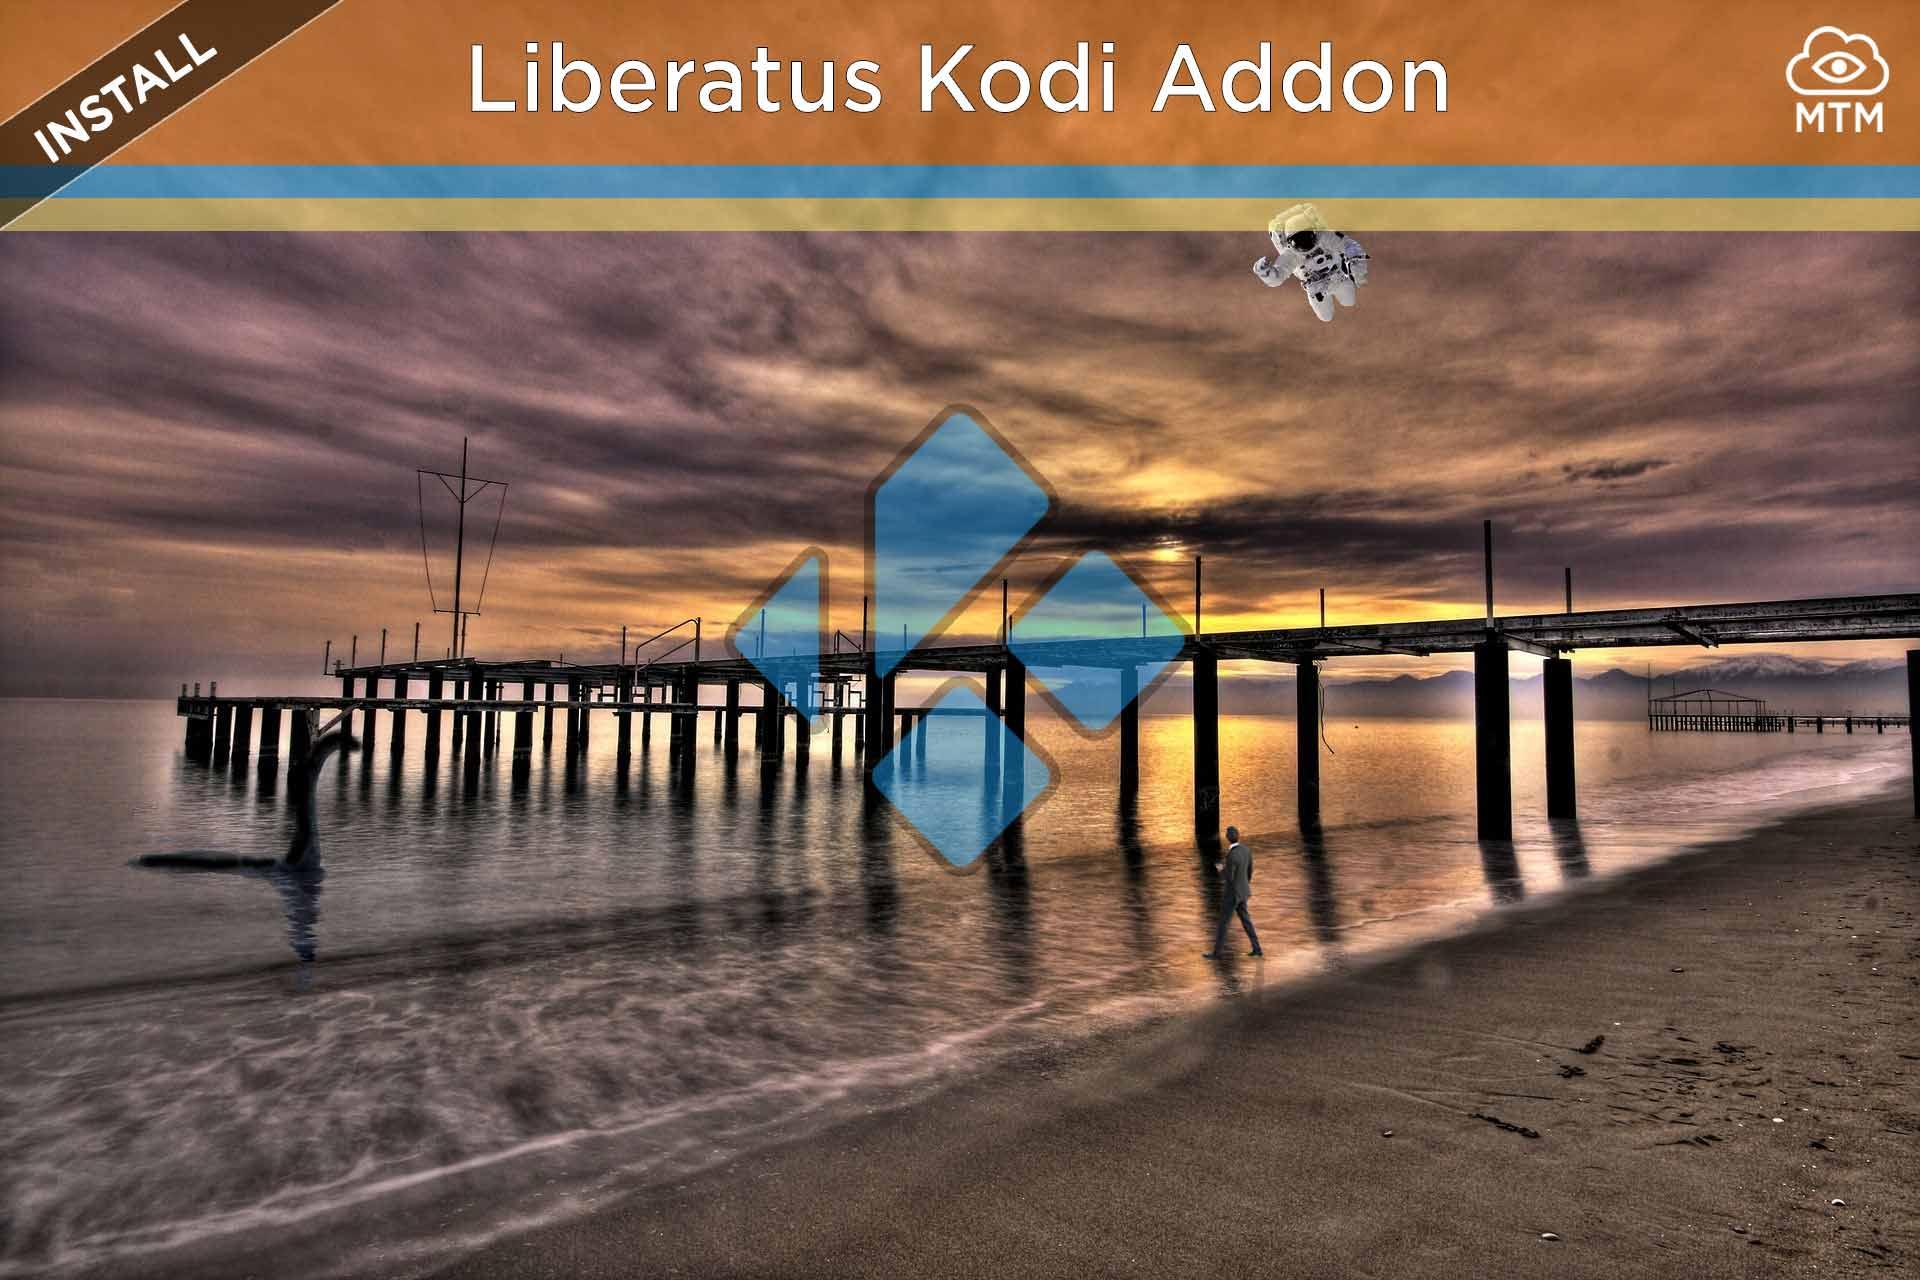 Nola instalatu Liberatus Kodi Addon Free Streaming Movies